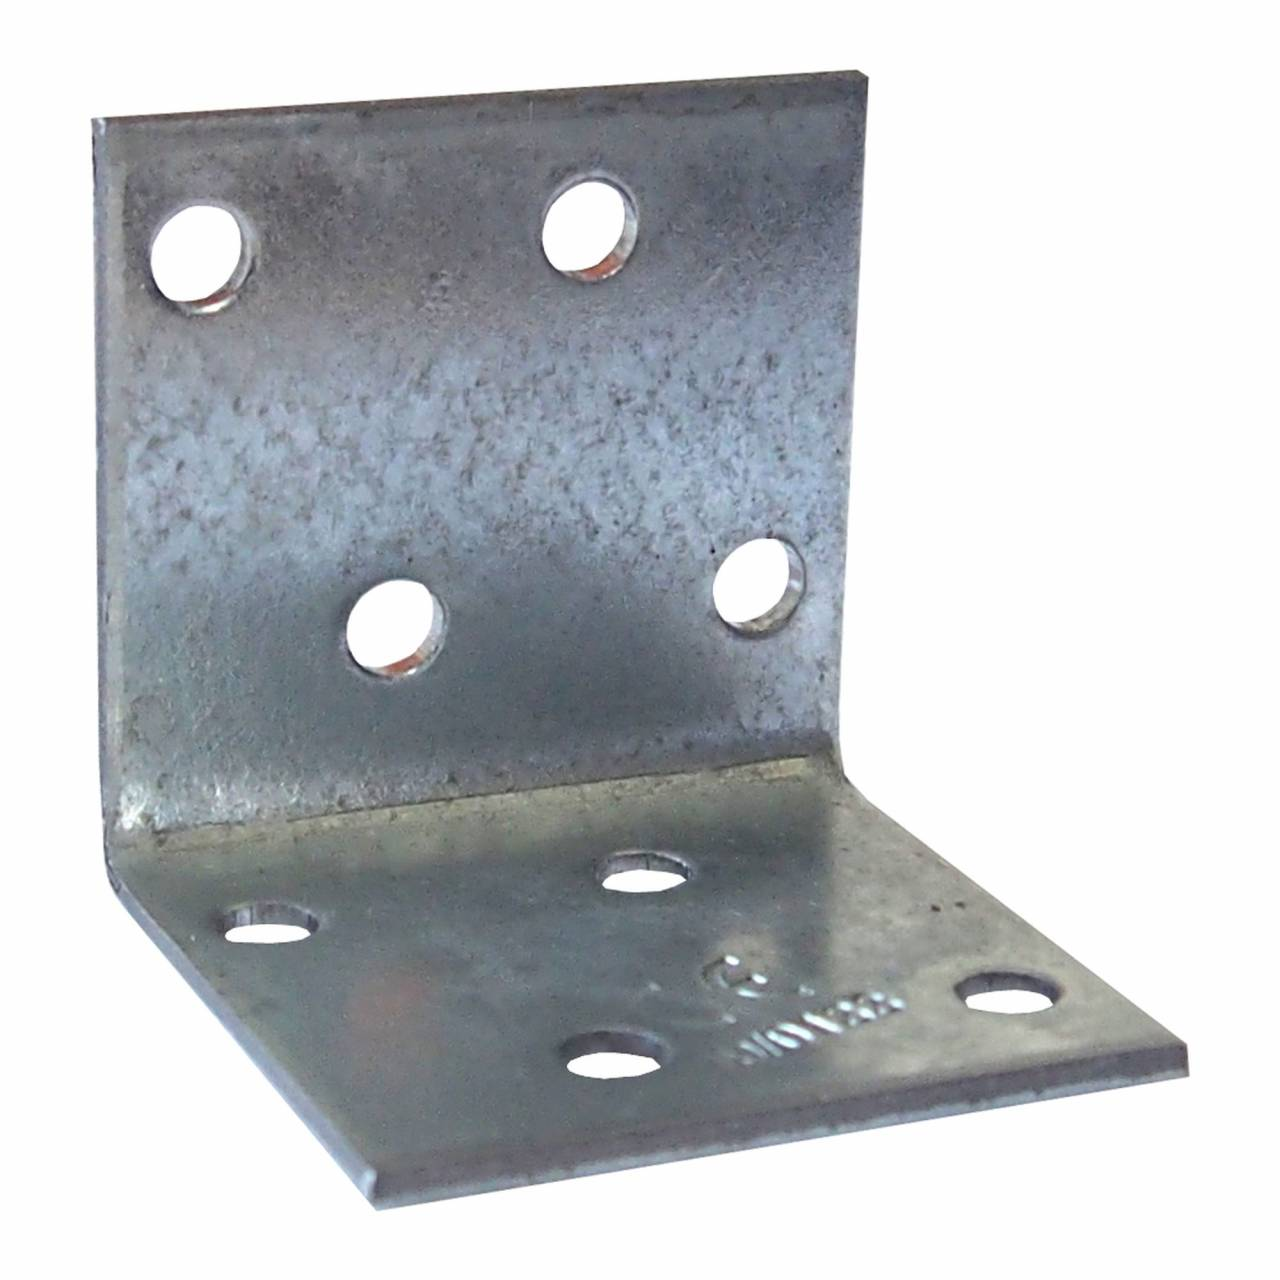 Lochplattenwinkel vz 40 x 40 x 40 x 2 mm